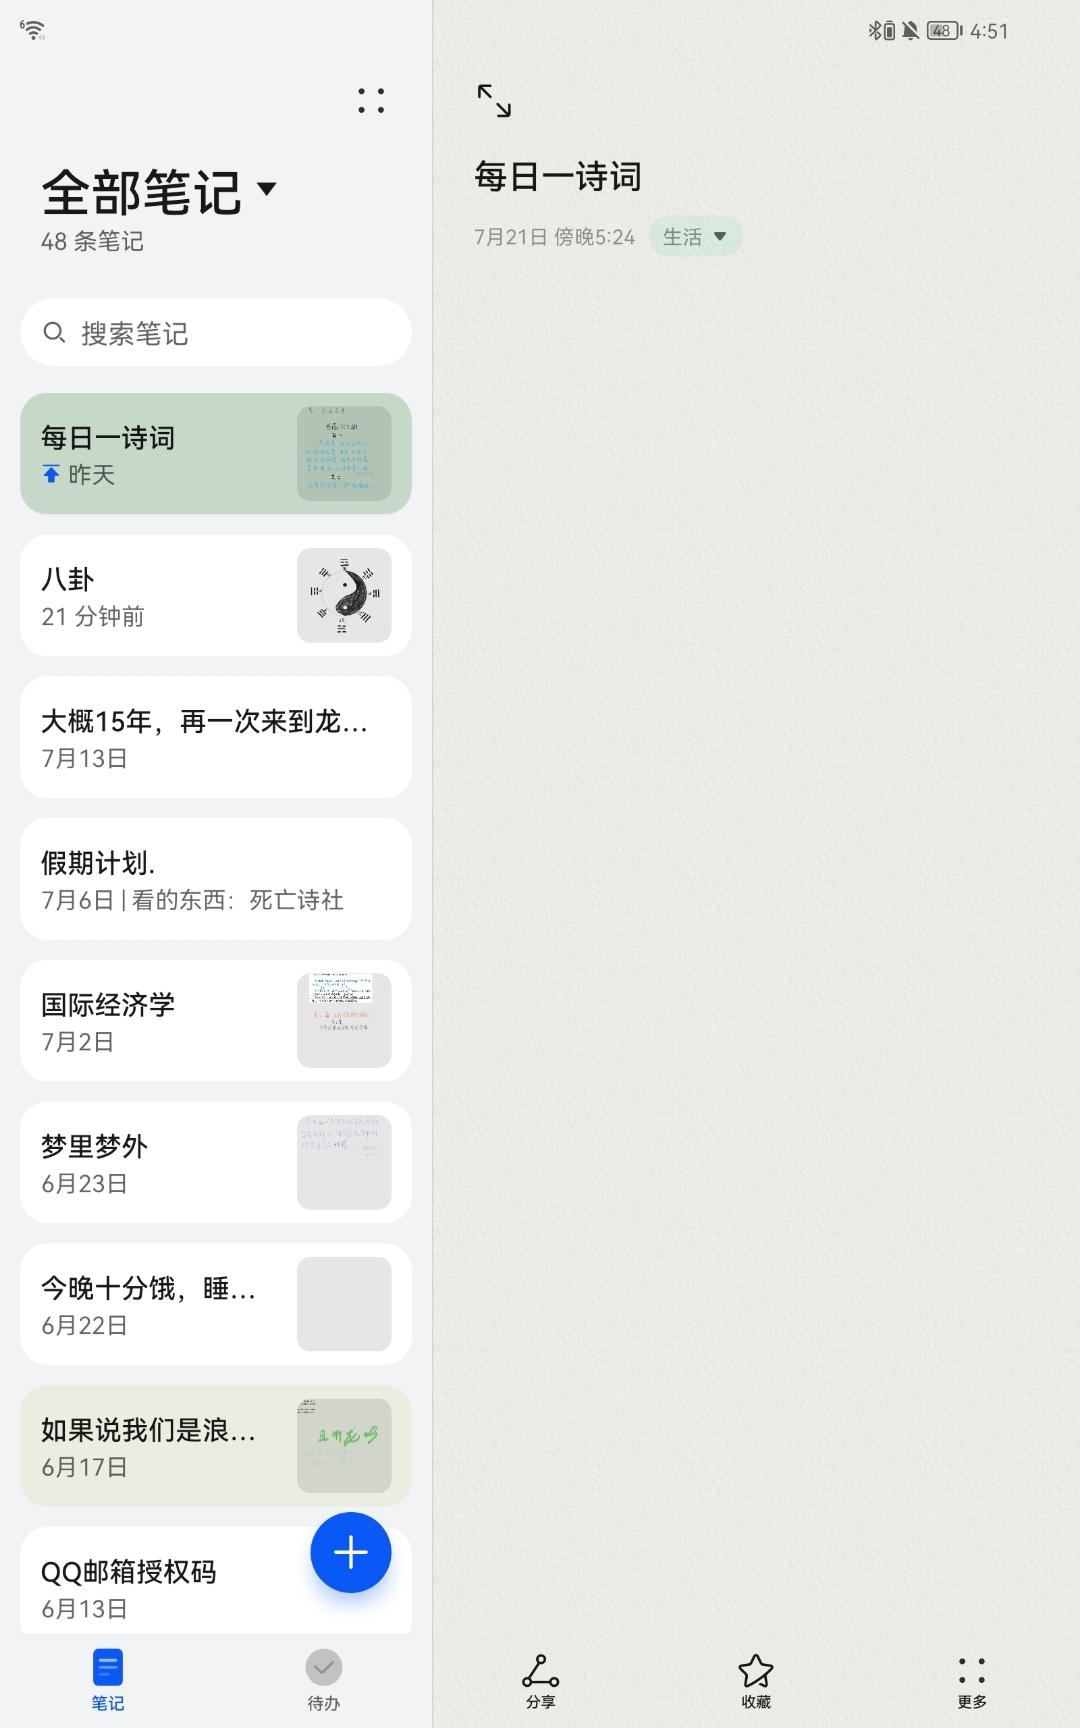 Screenshot_20210722_165150_com.huawei.notepad.jpg